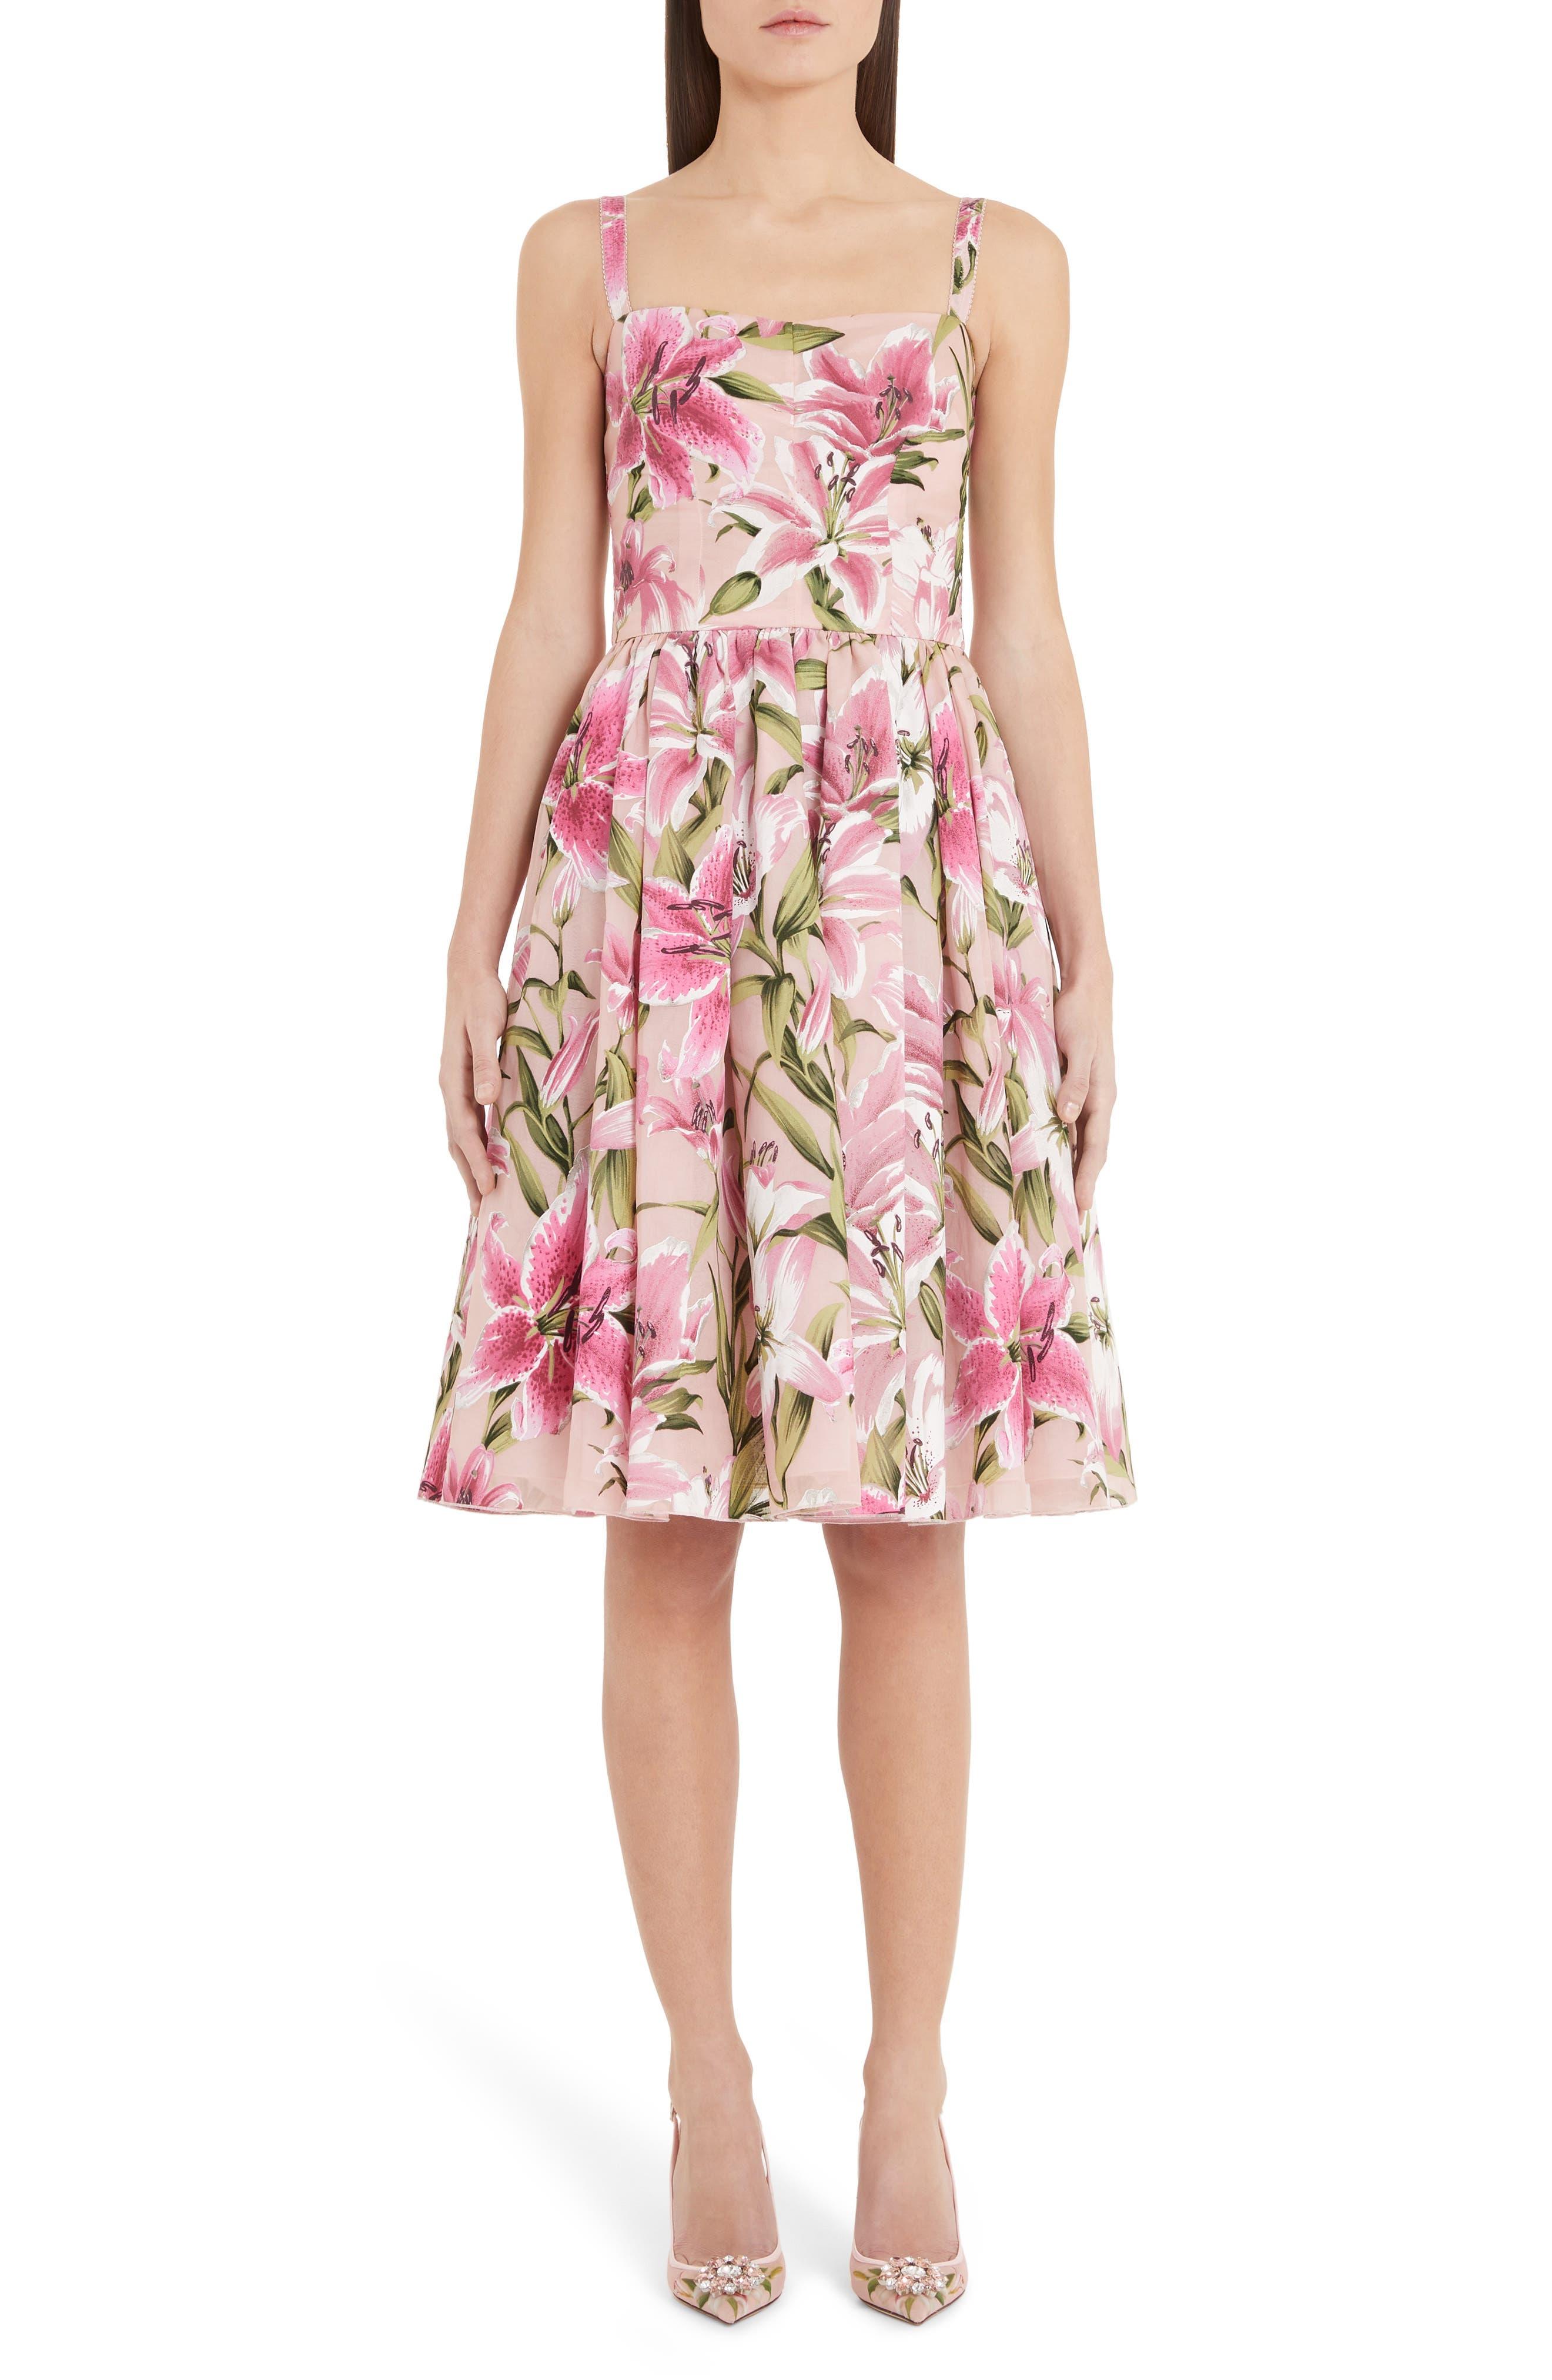 Dolce & gabbana Lily Print Silk Organza Fit & Flare Dress, US / 40 IT - Pink